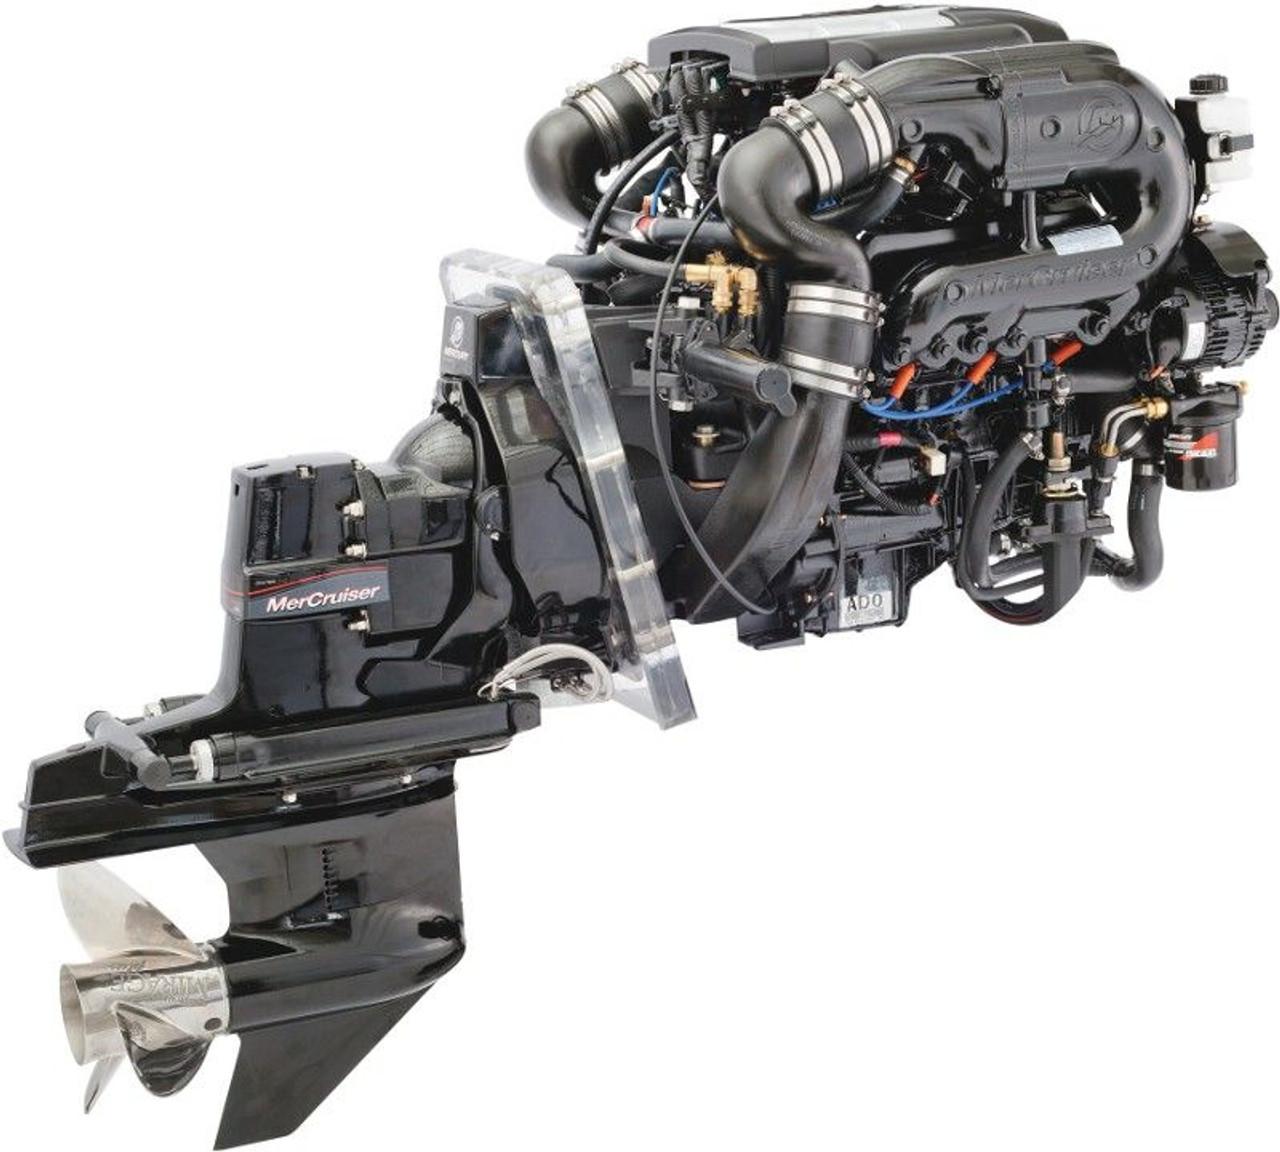 mercruiser stern drive engine factory service manual 4 mcm 120 260 rh repairmanuals4u com Alpha One Sterndrive Alpha One Sterndrive